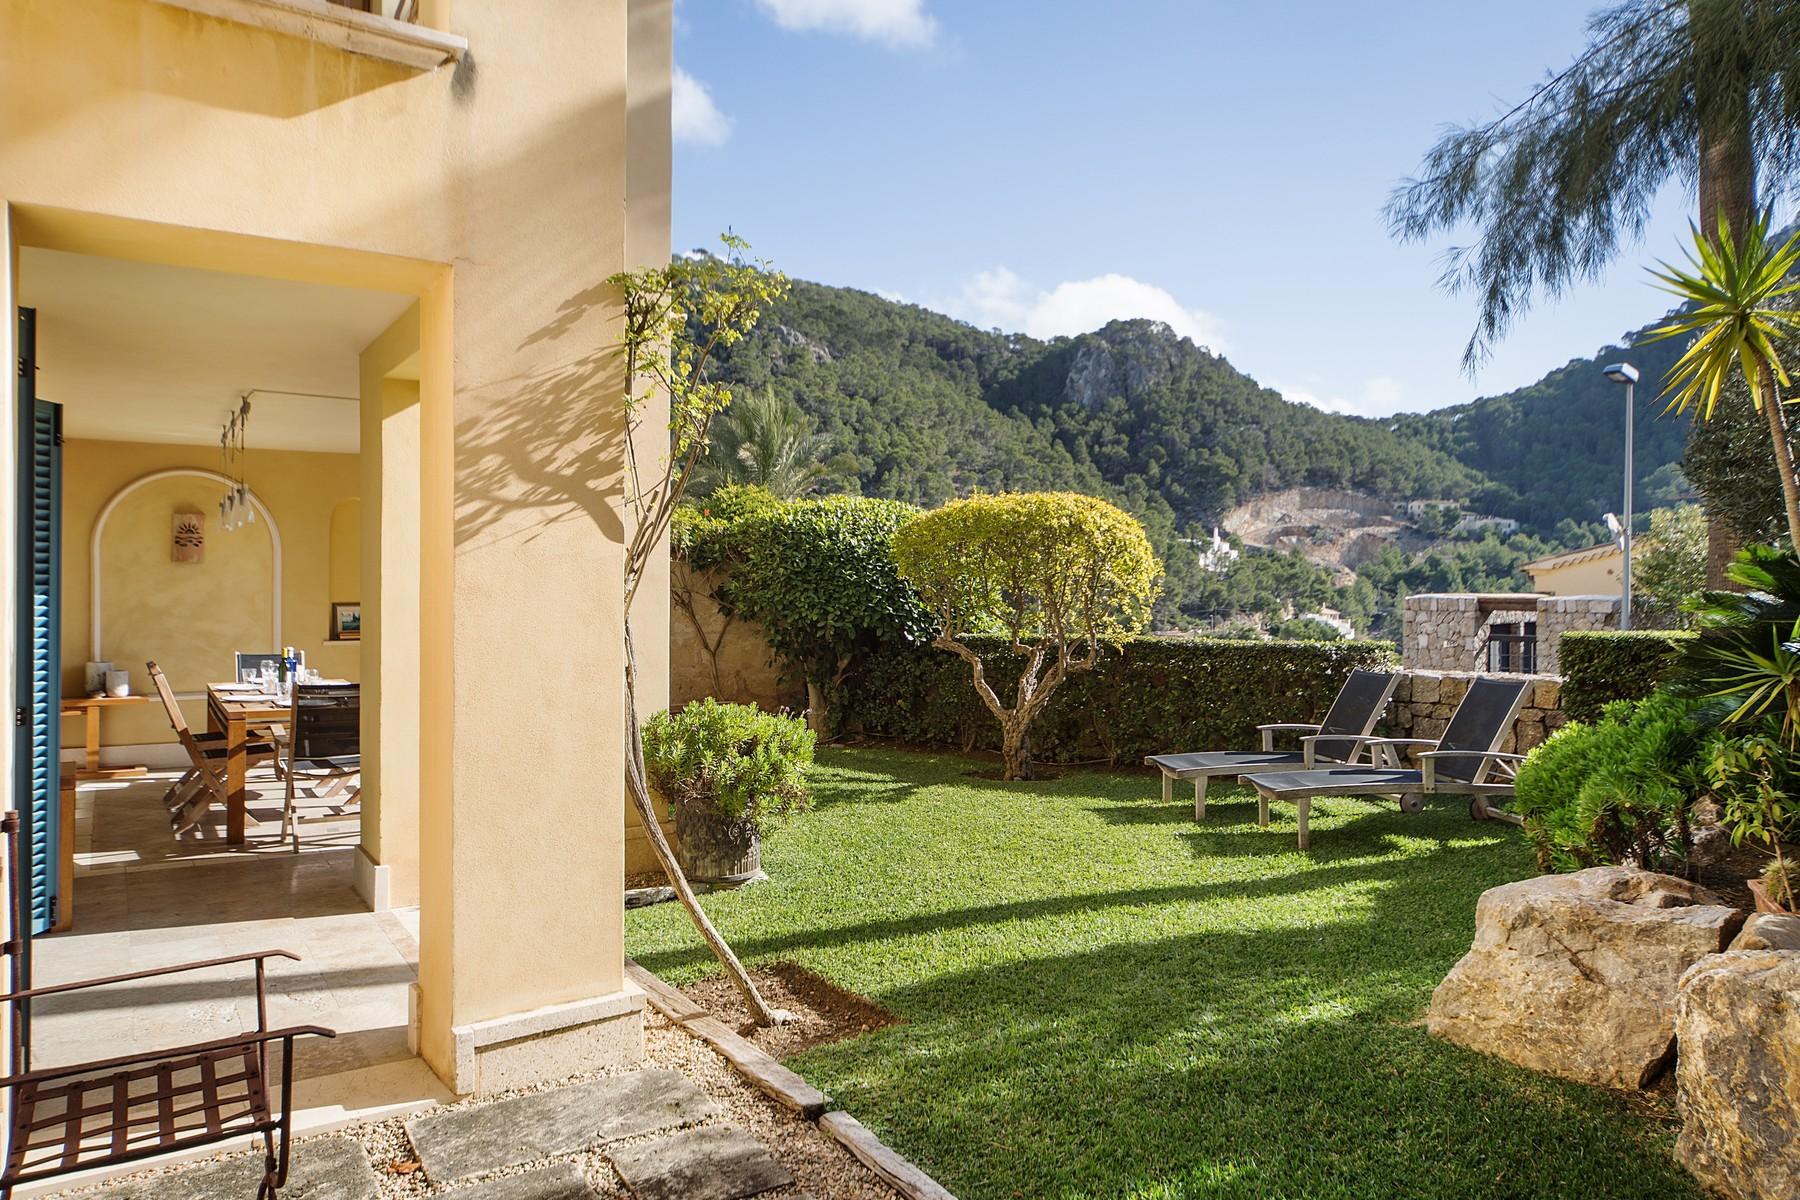 Apartamento por un Venta en Apartment with private garden in Pto Andratx Other Balearic Islands, Balearic Islands, 07157 España